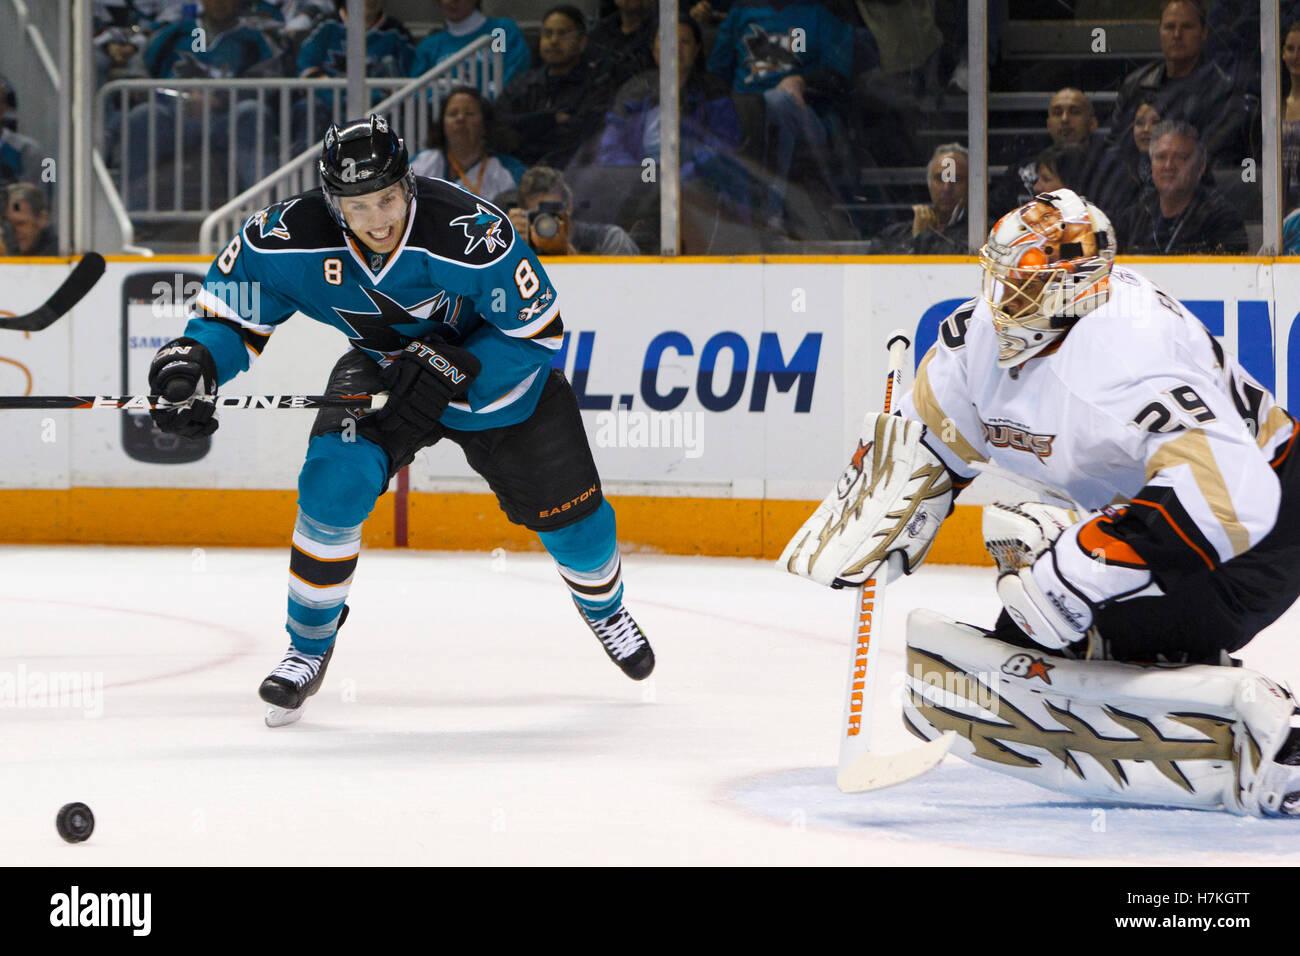 April 2, 2011; San Jose, CA, USA;  San Jose Sharks center Joe Pavelski (8) skates after a loose puck in front of - Stock Image